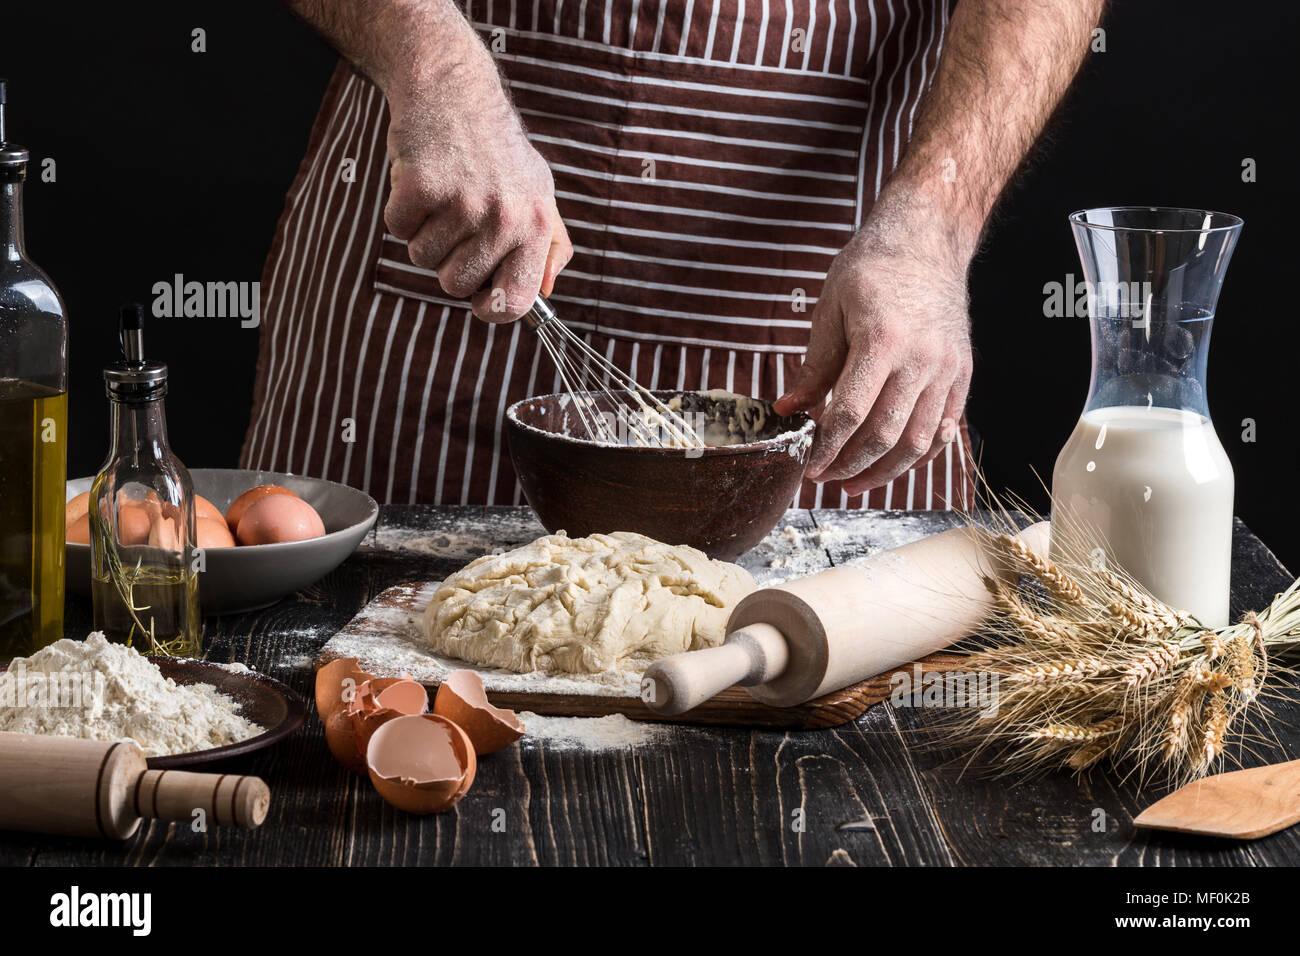 Fouetter les œufs Male chef dans la boulangerie sur table en bois. Ingrédients pour la cuisson des produits de la farine ou de la pâte Photo Stock